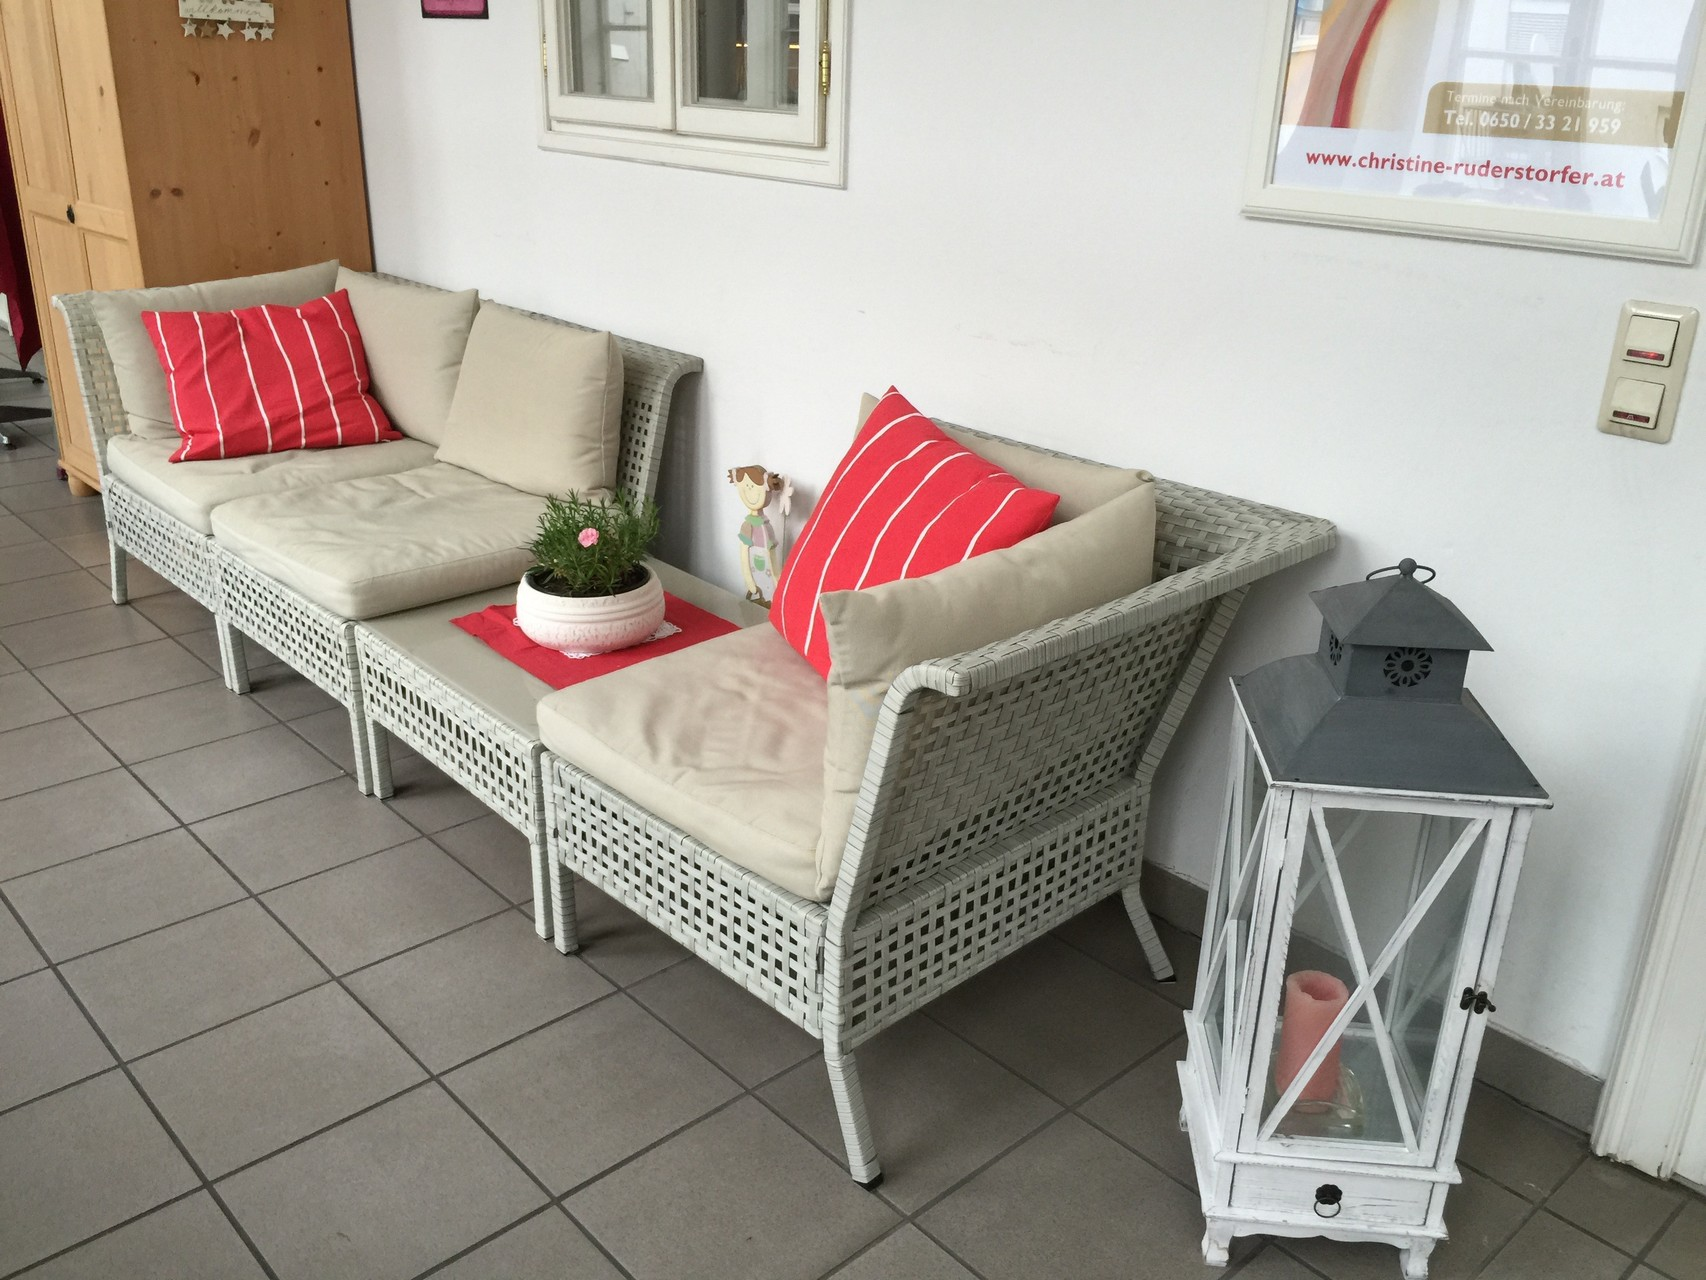 herzlich willkommen bei mir zuhause christine ruderstorfers webseite. Black Bedroom Furniture Sets. Home Design Ideas